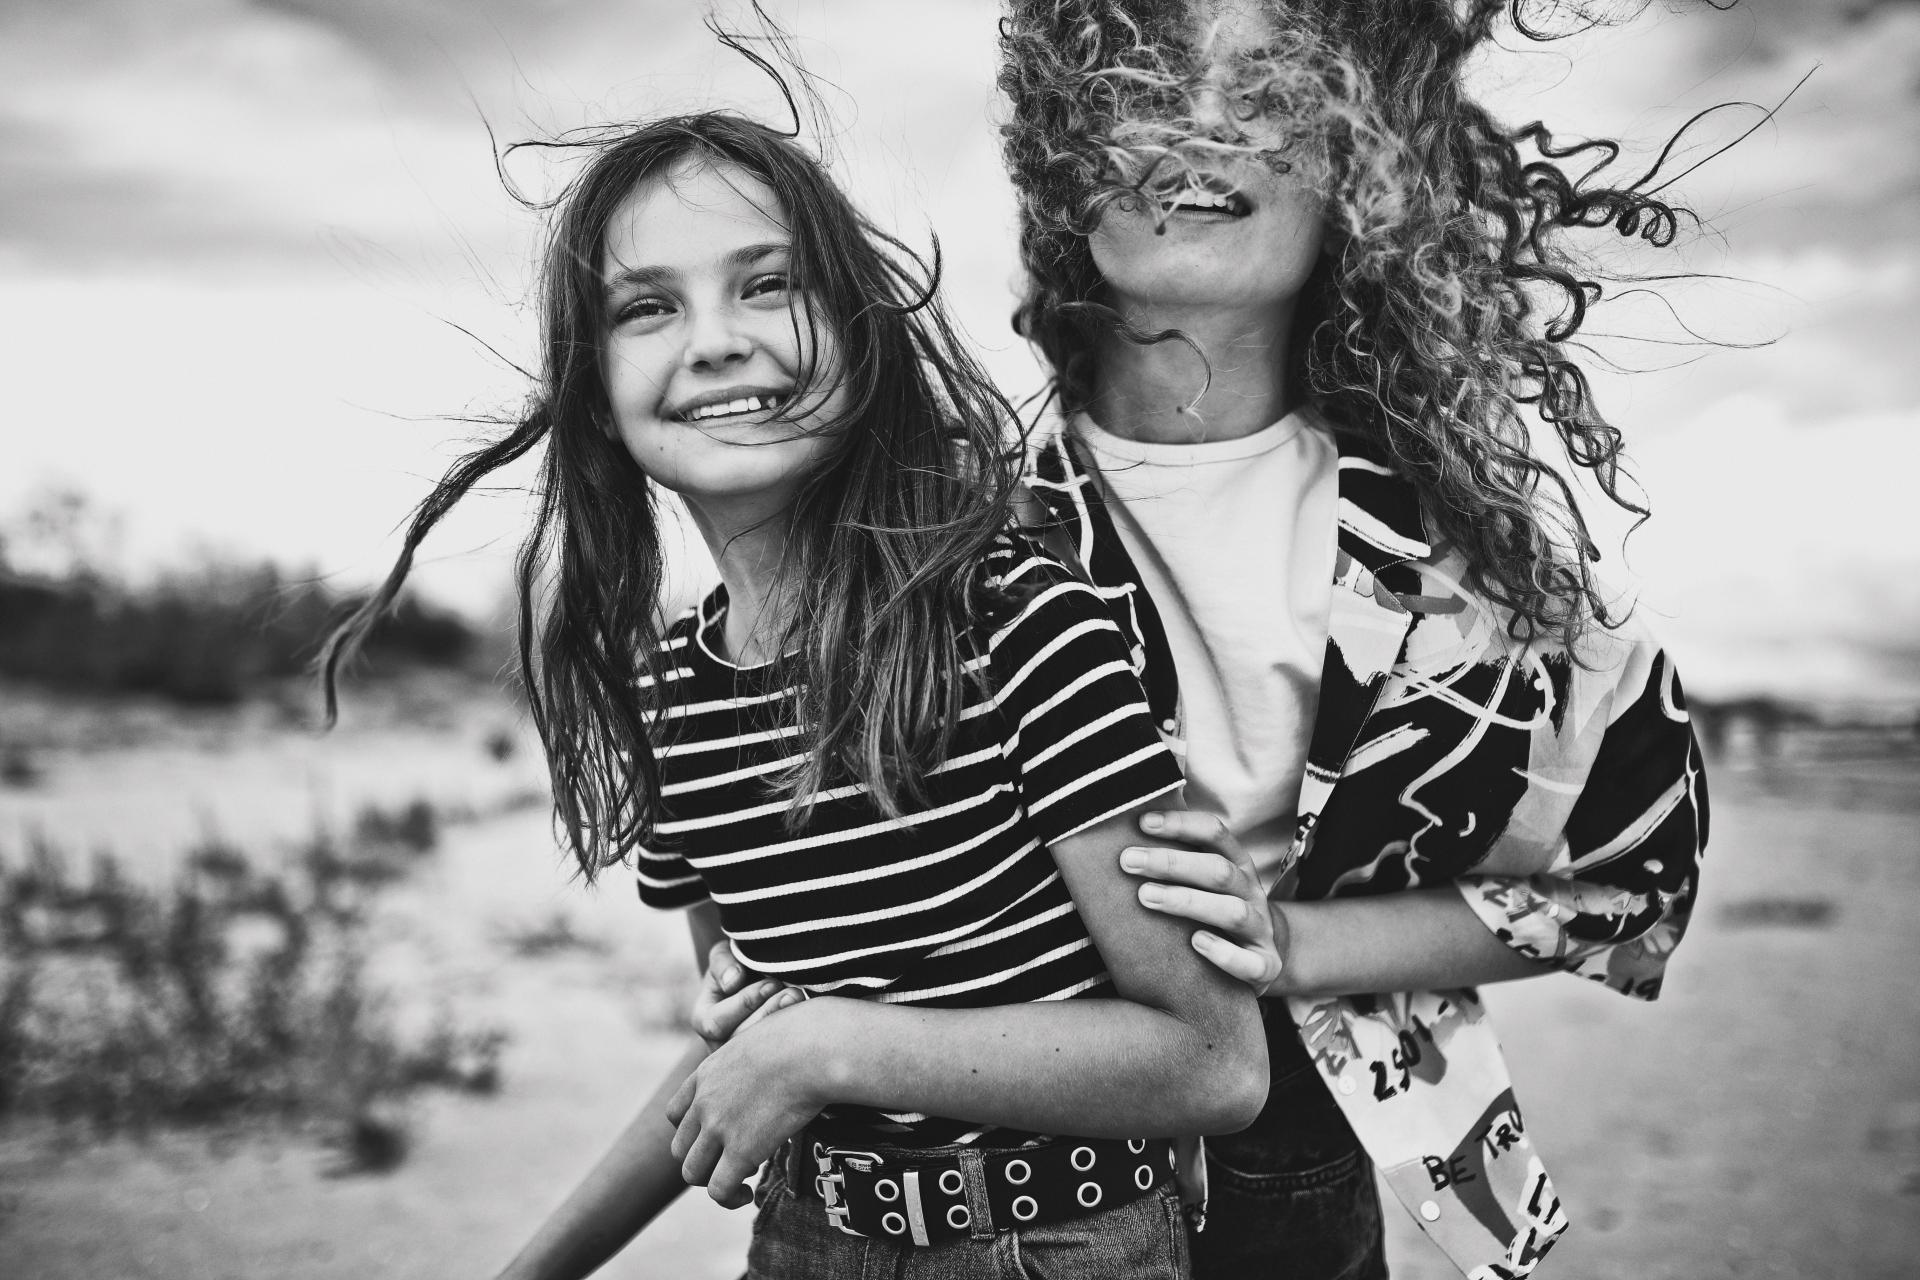 fotograf-dzieciecy-warszawa-otwock-piotrek-ambroziak-fotografia